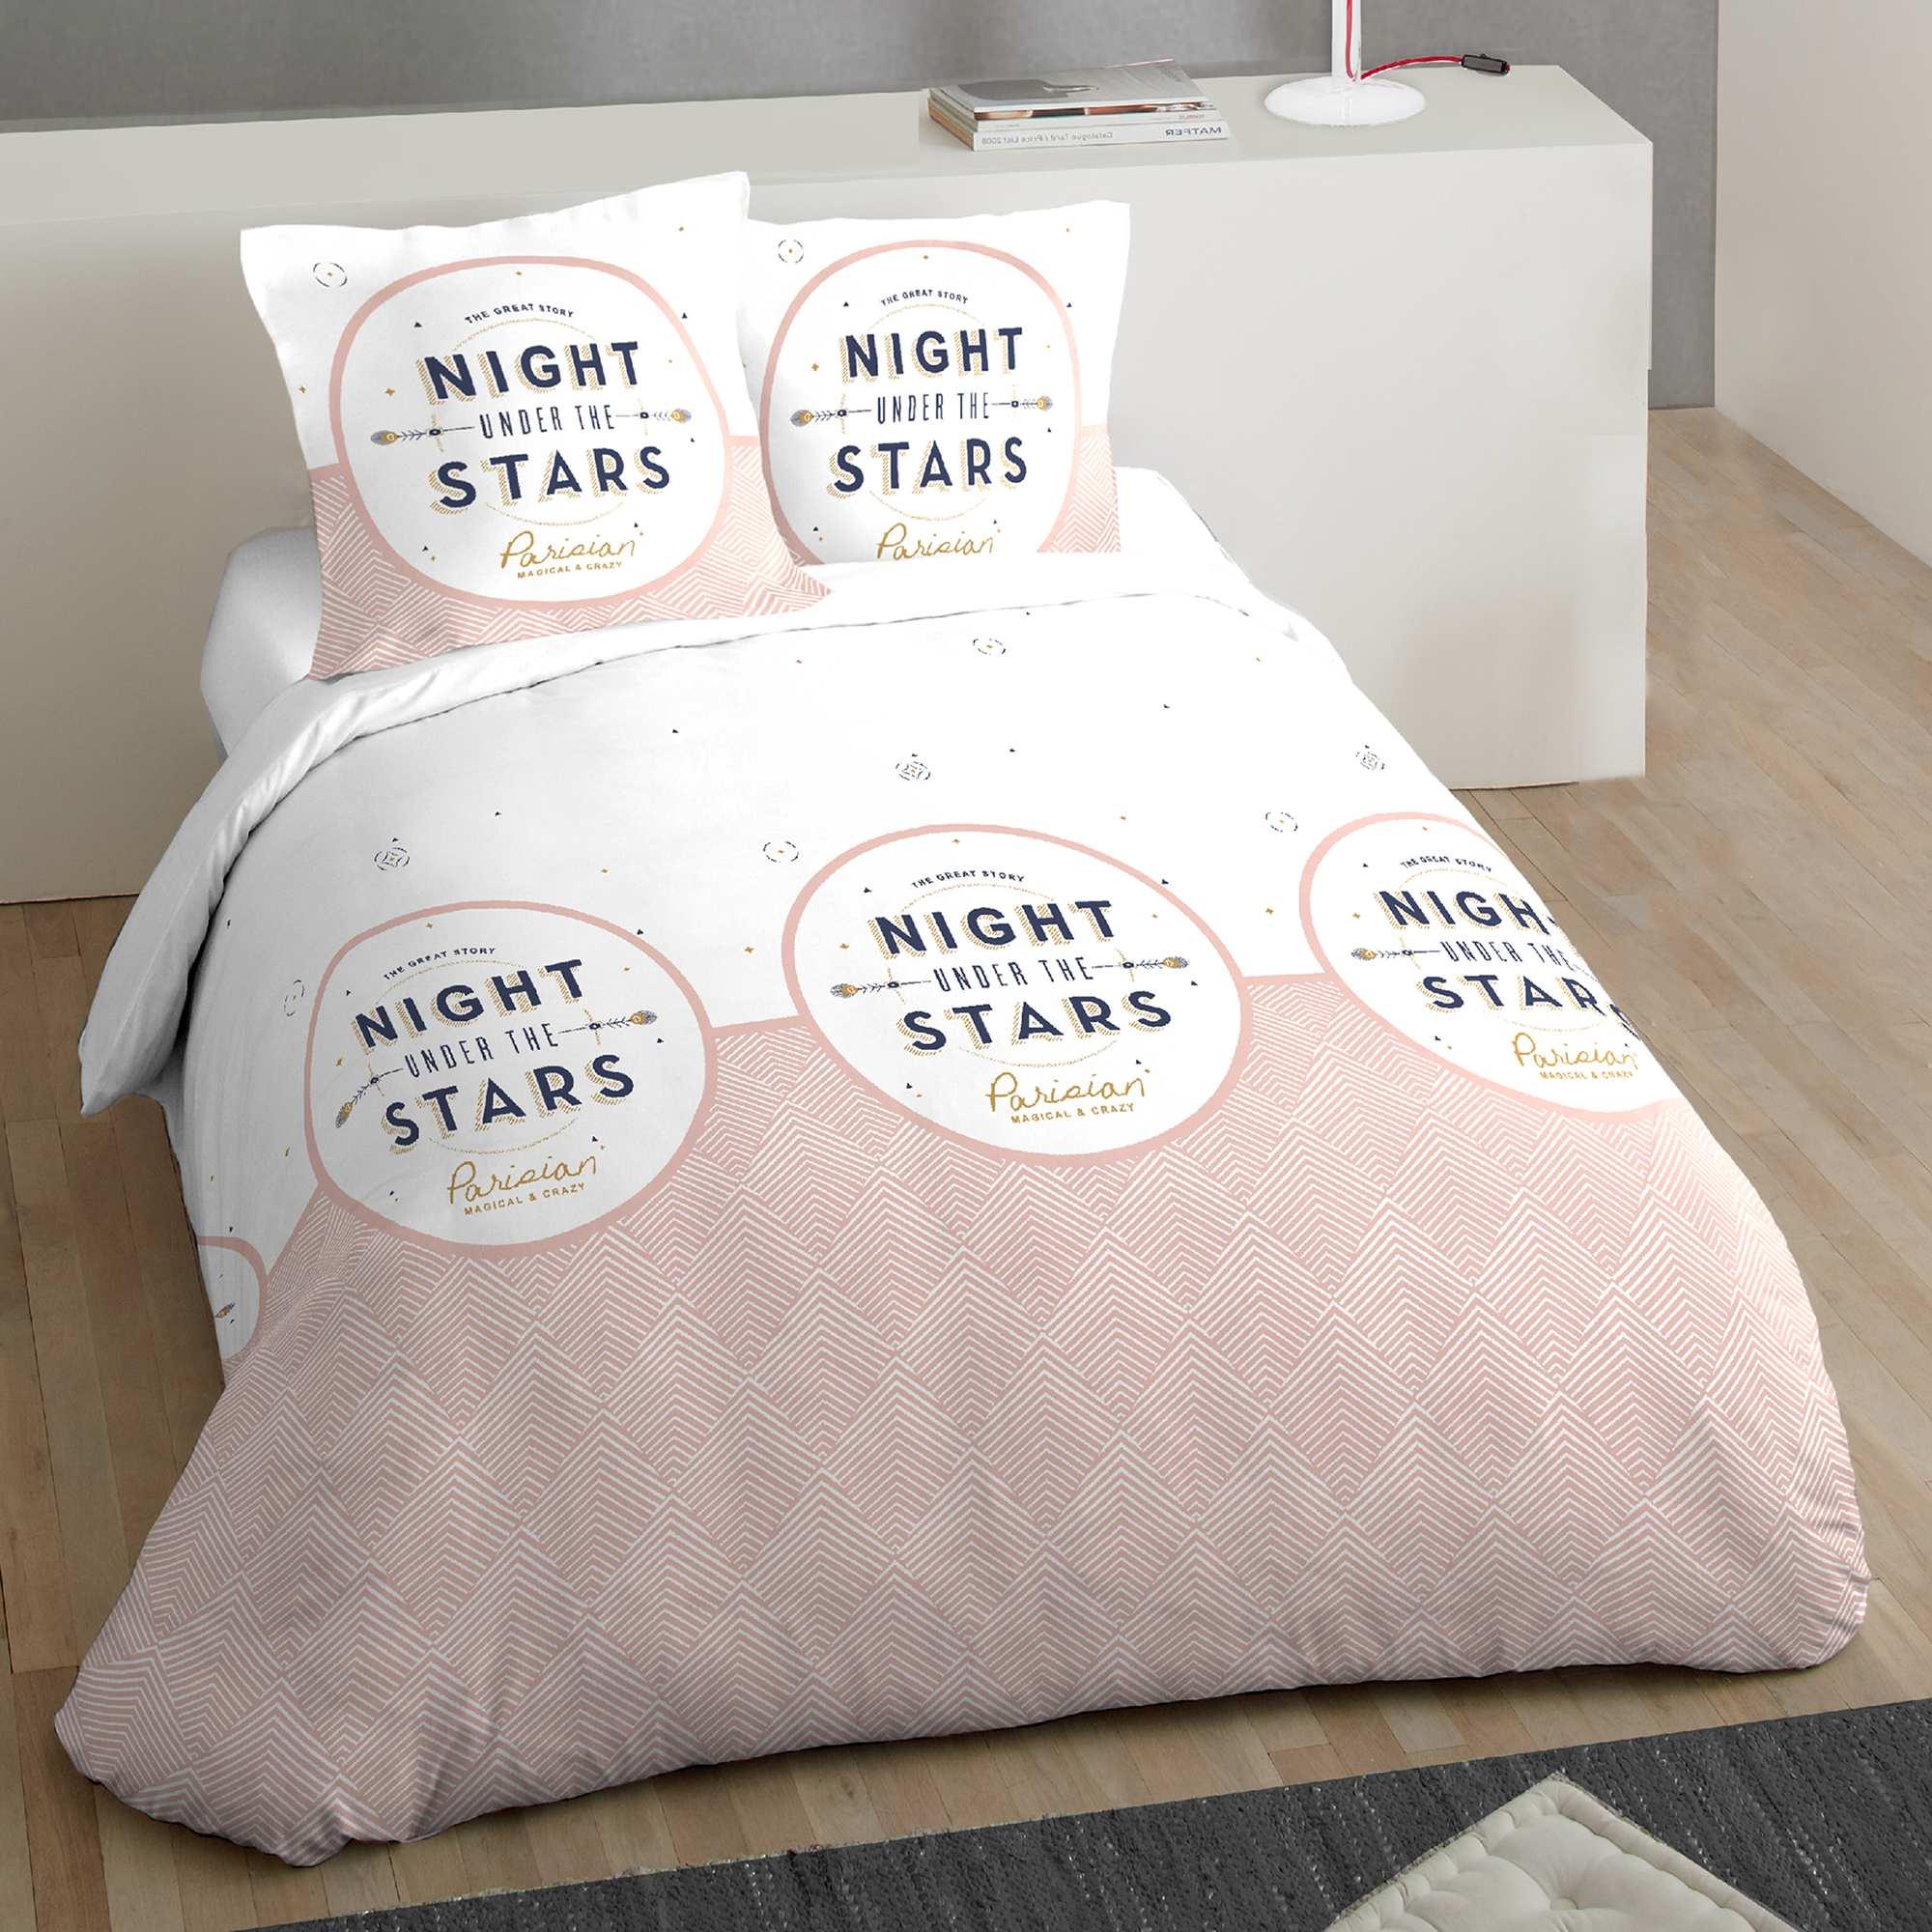 Couleur : blanc/vieux rose, , ,, - Taille : 260x240, , ,,Un graphisme frais et moderne pour cette parure de lit. - Parure 3 pièces en pur